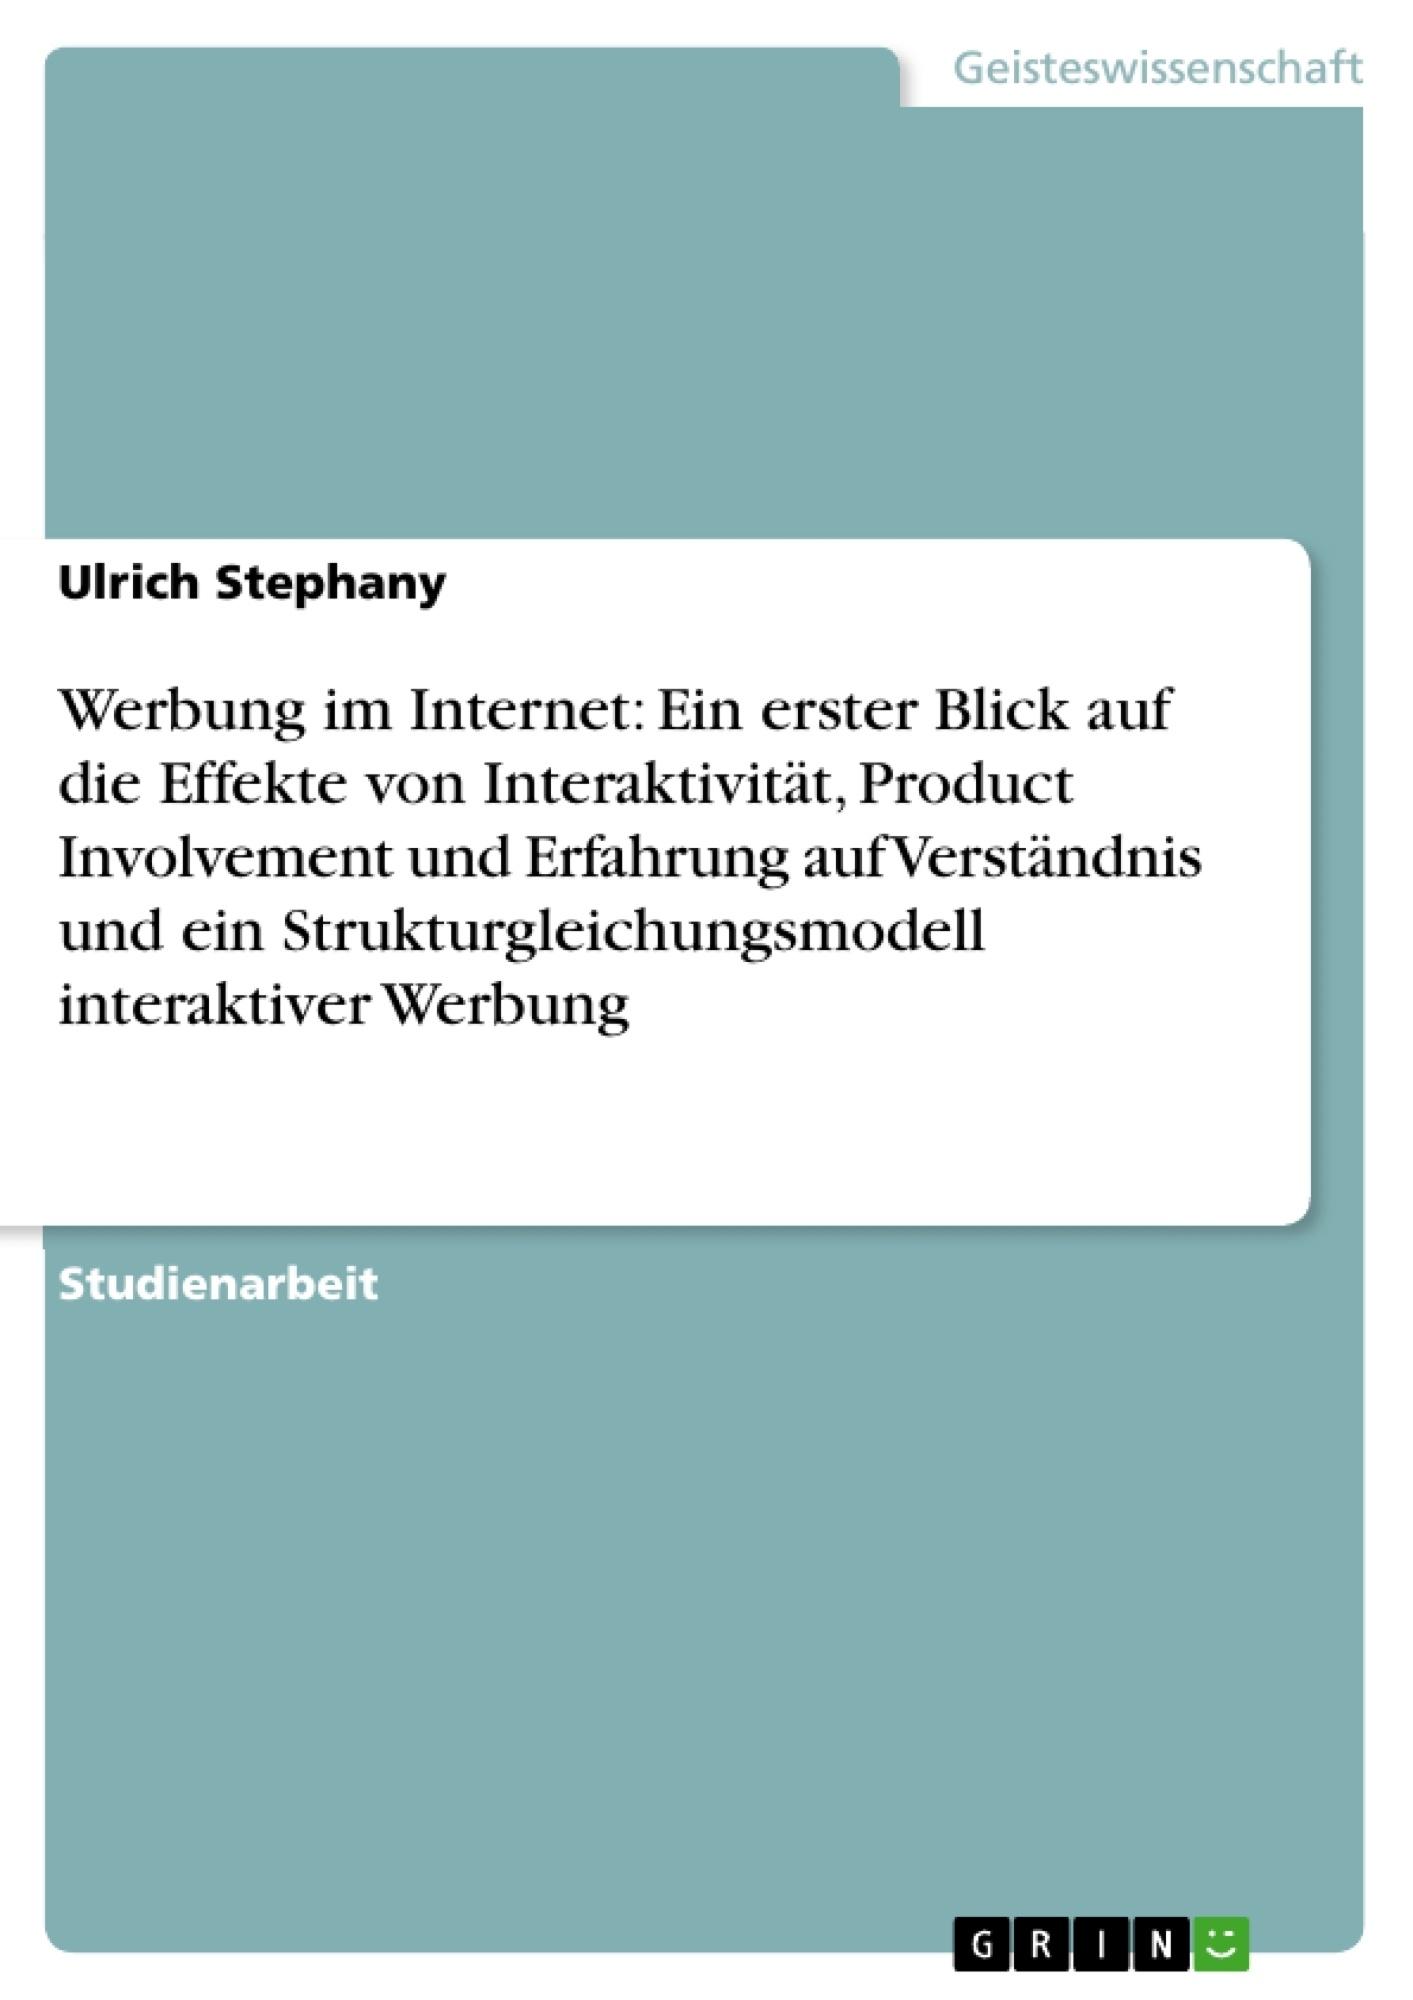 Titel: Werbung im Internet: Ein erster Blick auf die Effekte von Interaktivität, Product Involvement und Erfahrung auf Verständnis und ein Strukturgleichungsmodell interaktiver Werbung